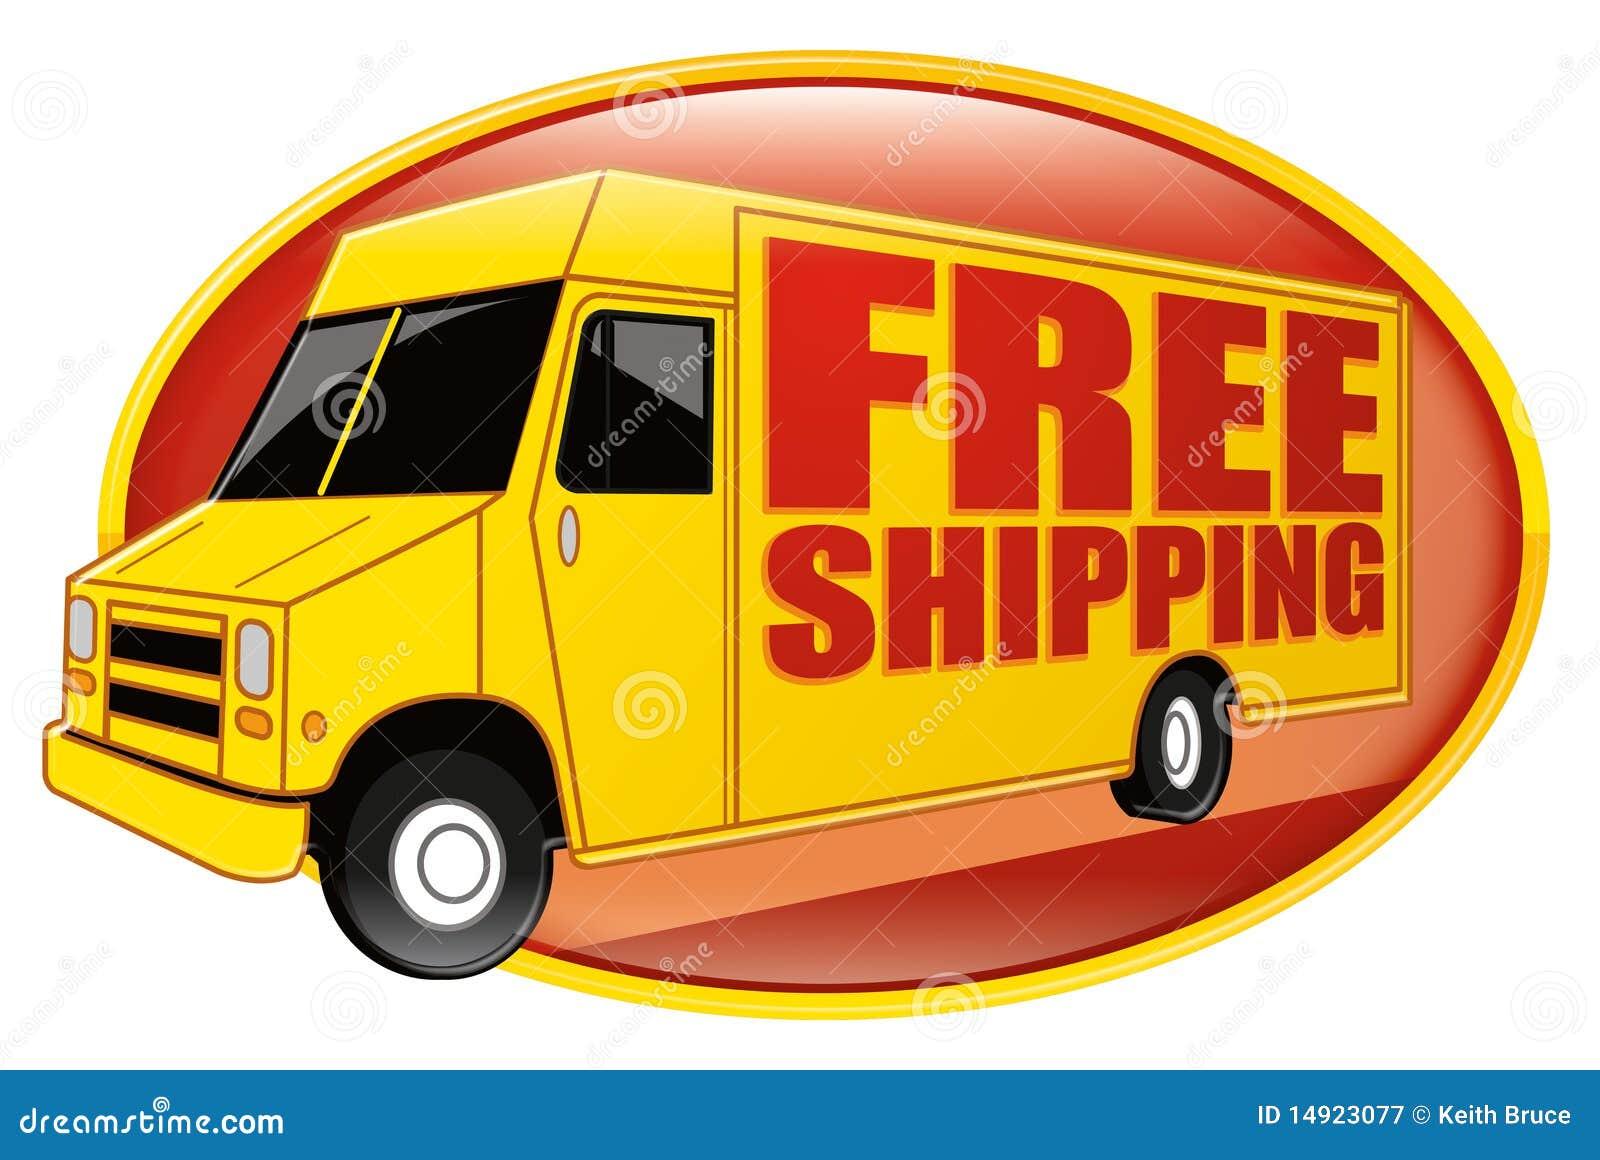 Freies Verschiffen-Lieferwagen-Gelb